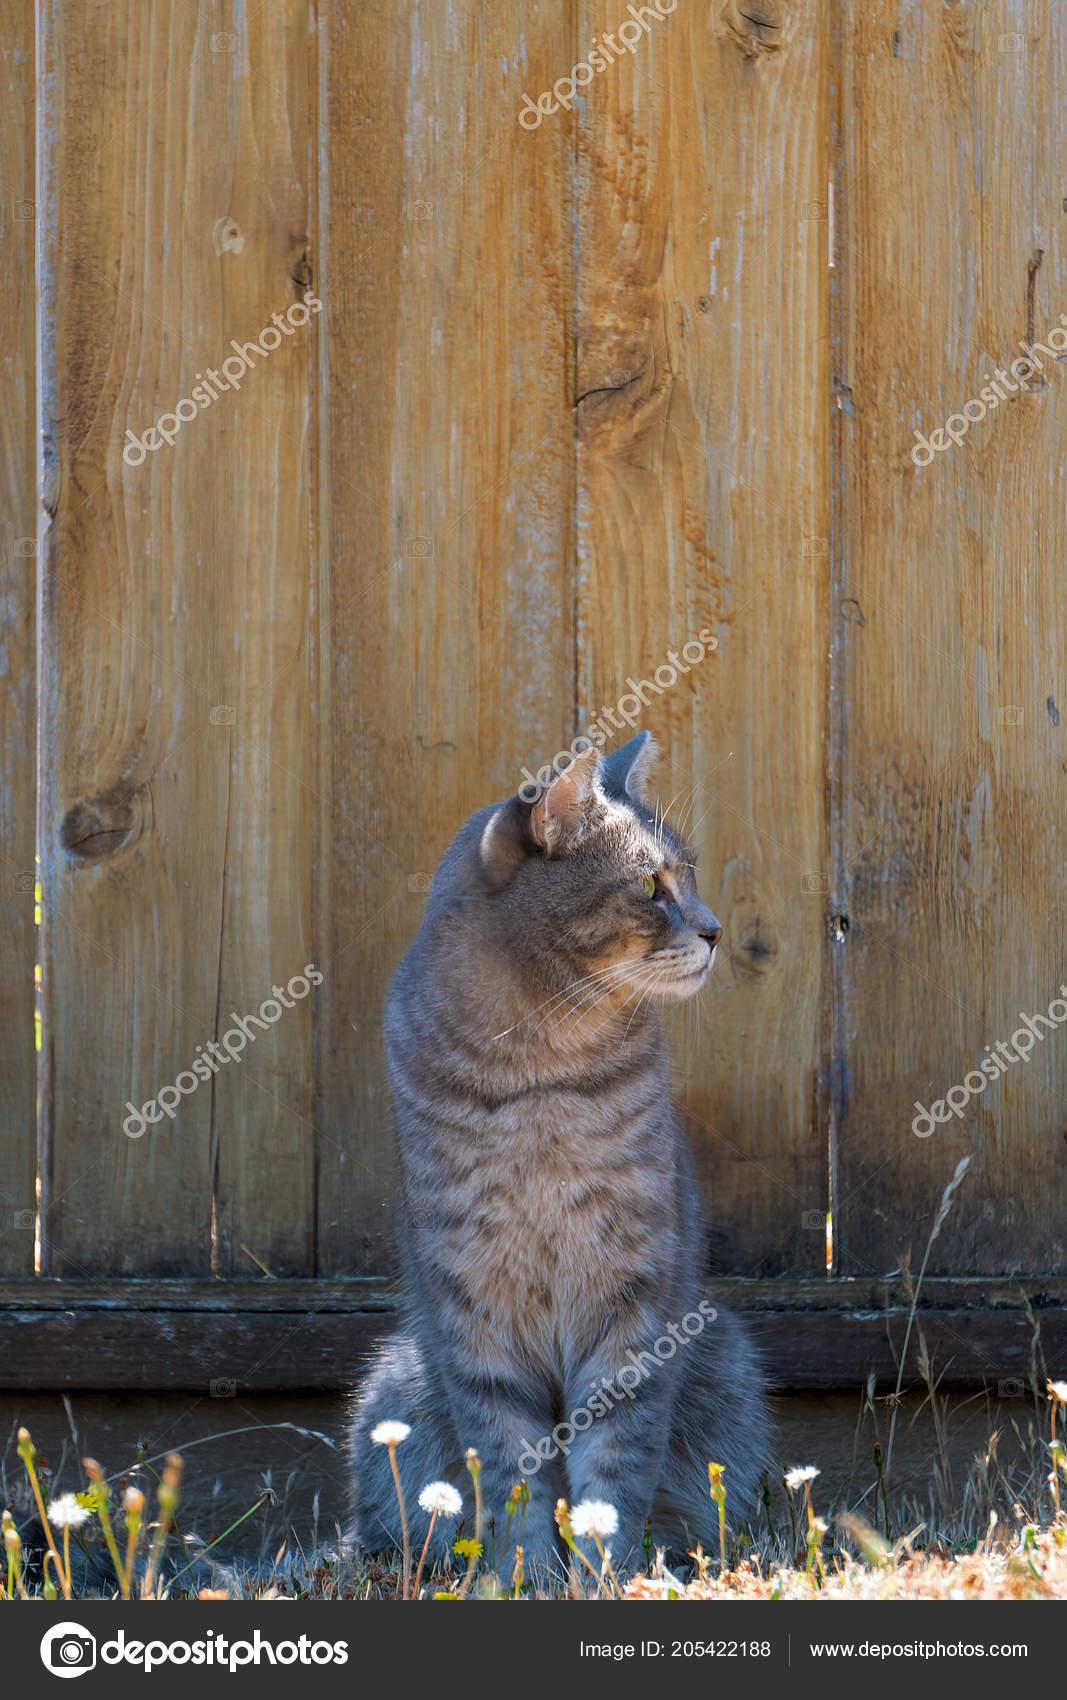 Recinzione Giardino Per Gatti.Gatto Tabby Grigio Seduto Dalla Recinzione Giardino Guardando